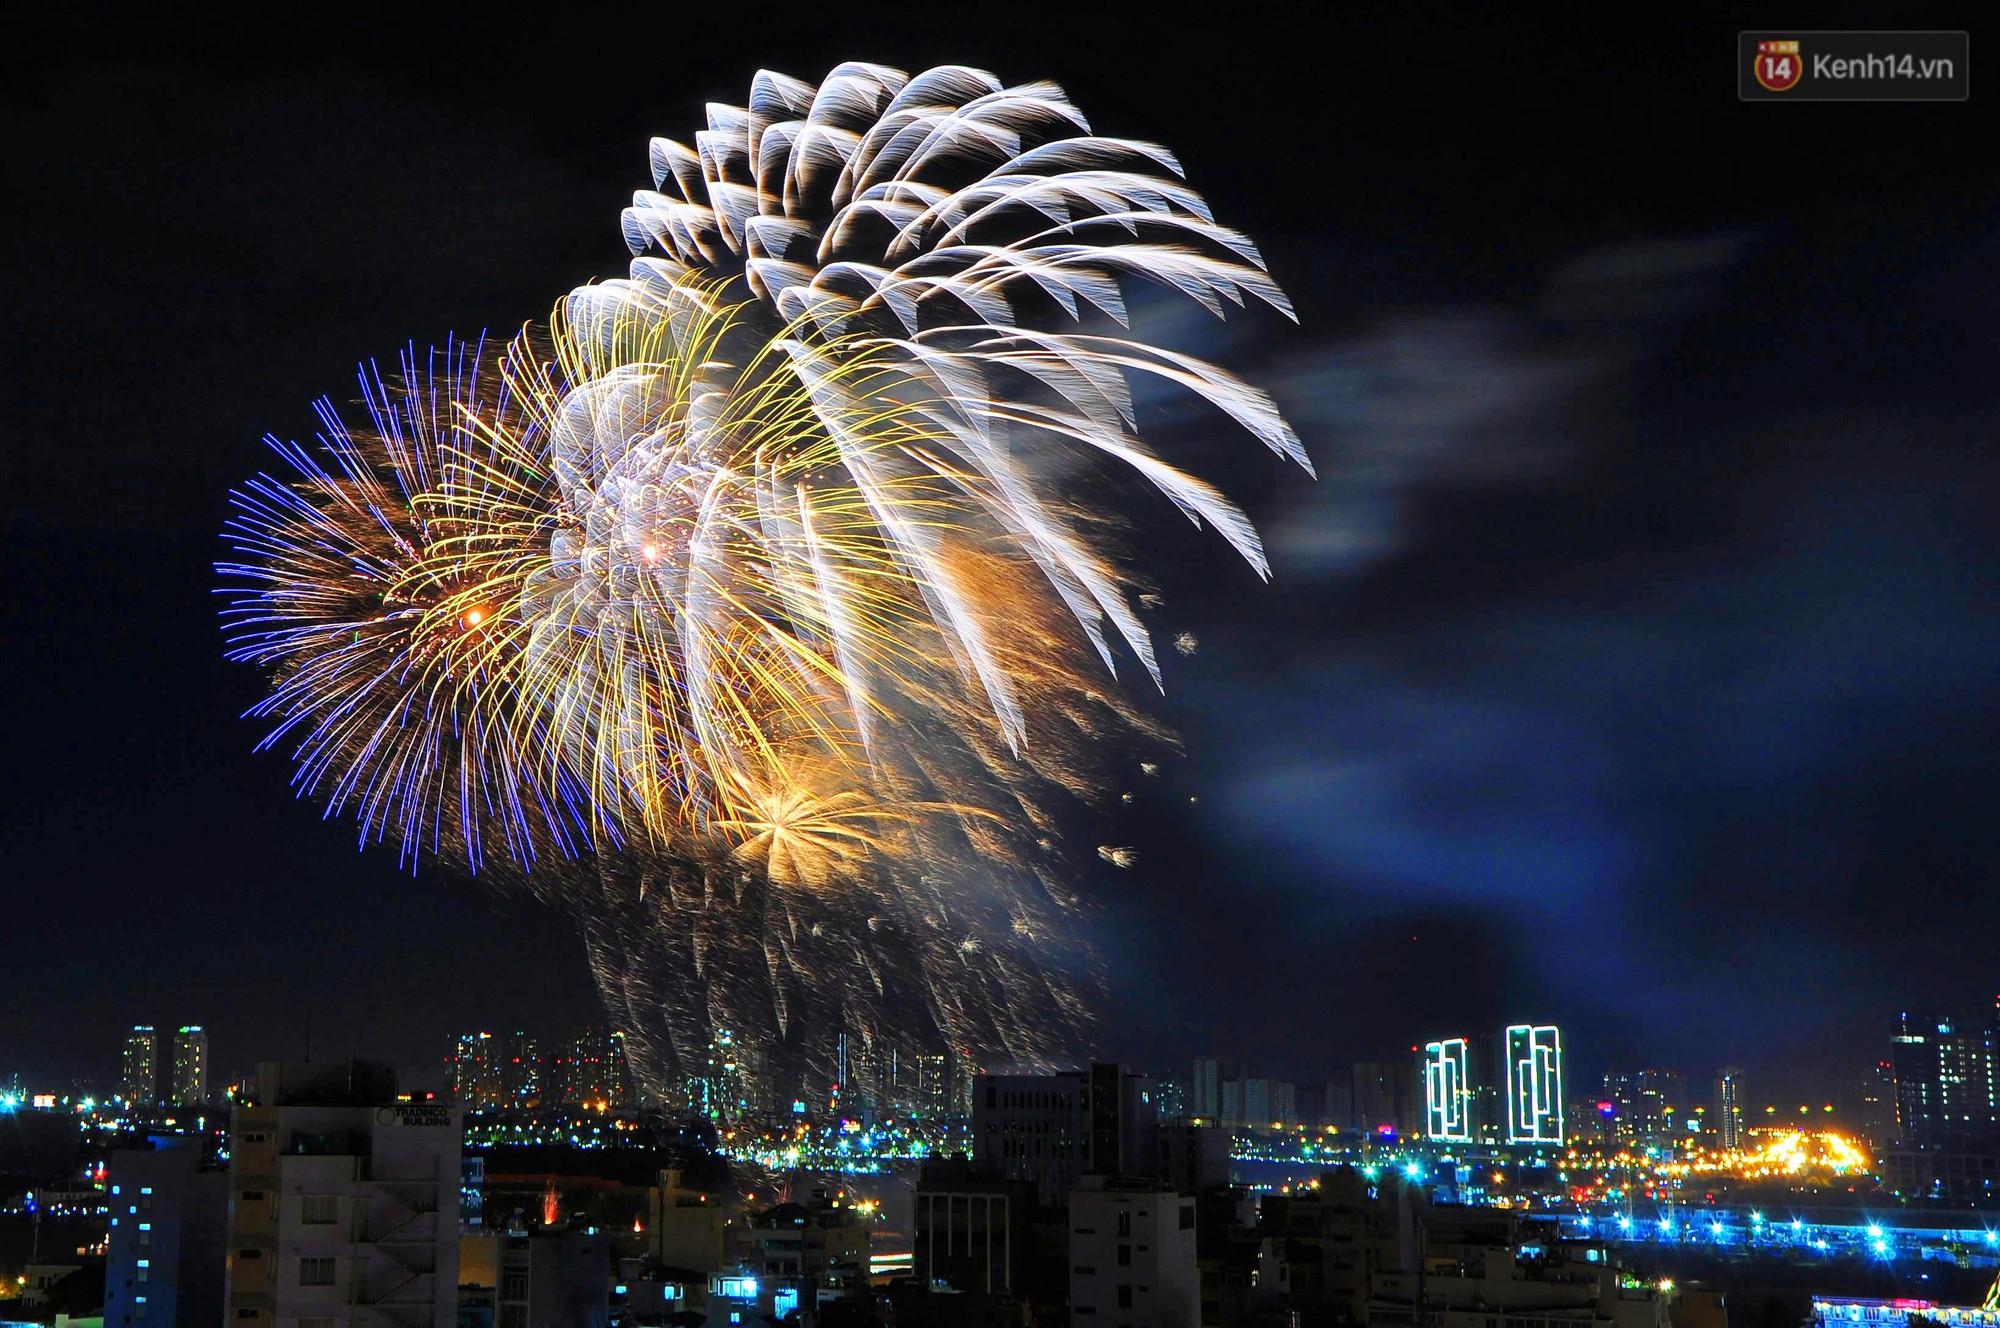 Pháo hoa đầy màu sắc sáng rực trời đêm, Sài Gòn hân hoan đón chào năm mới 2019 - Ảnh 5.